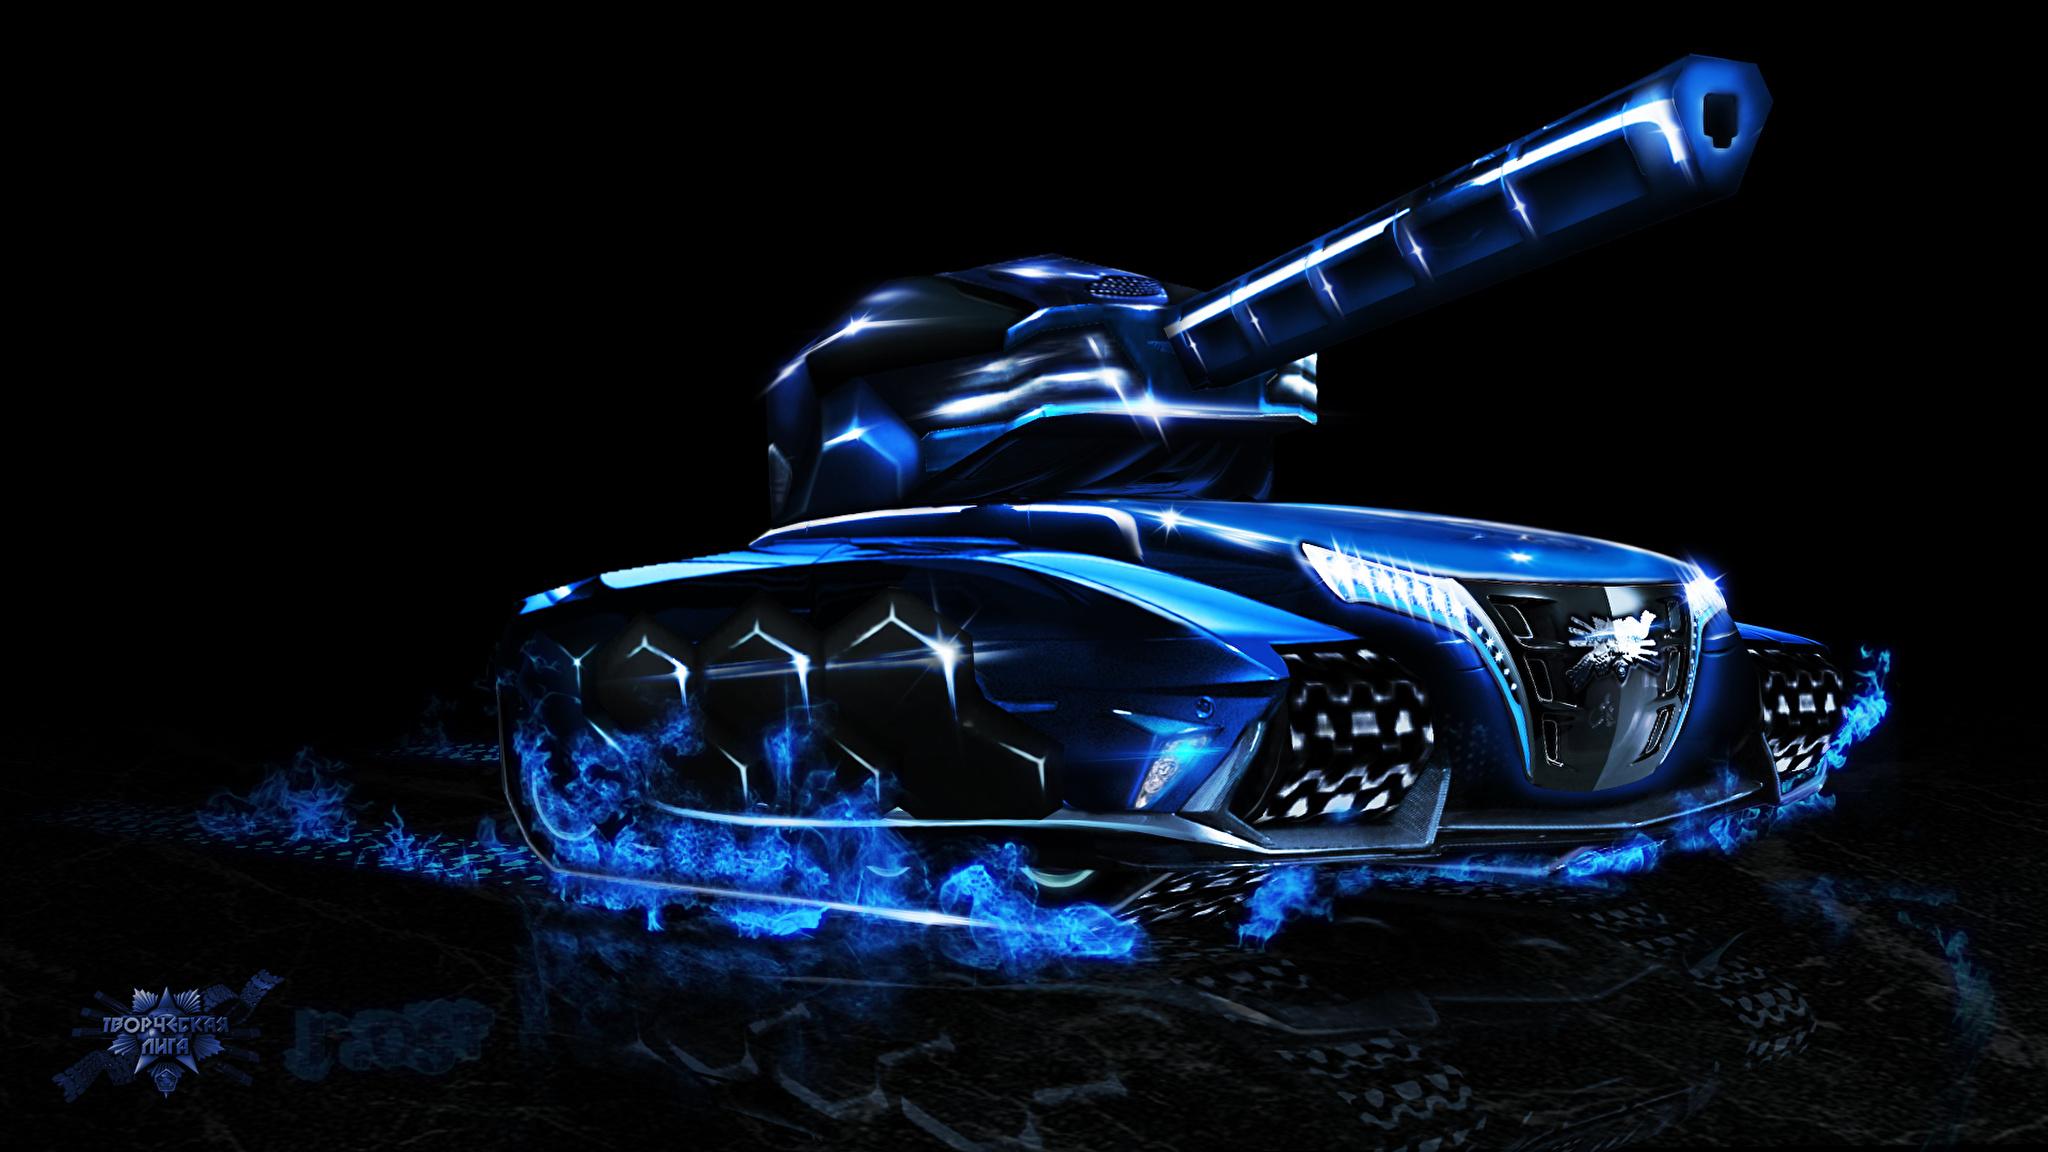 Tanki x быстрые танки онлайн, военная игра, скачать бесплатно.